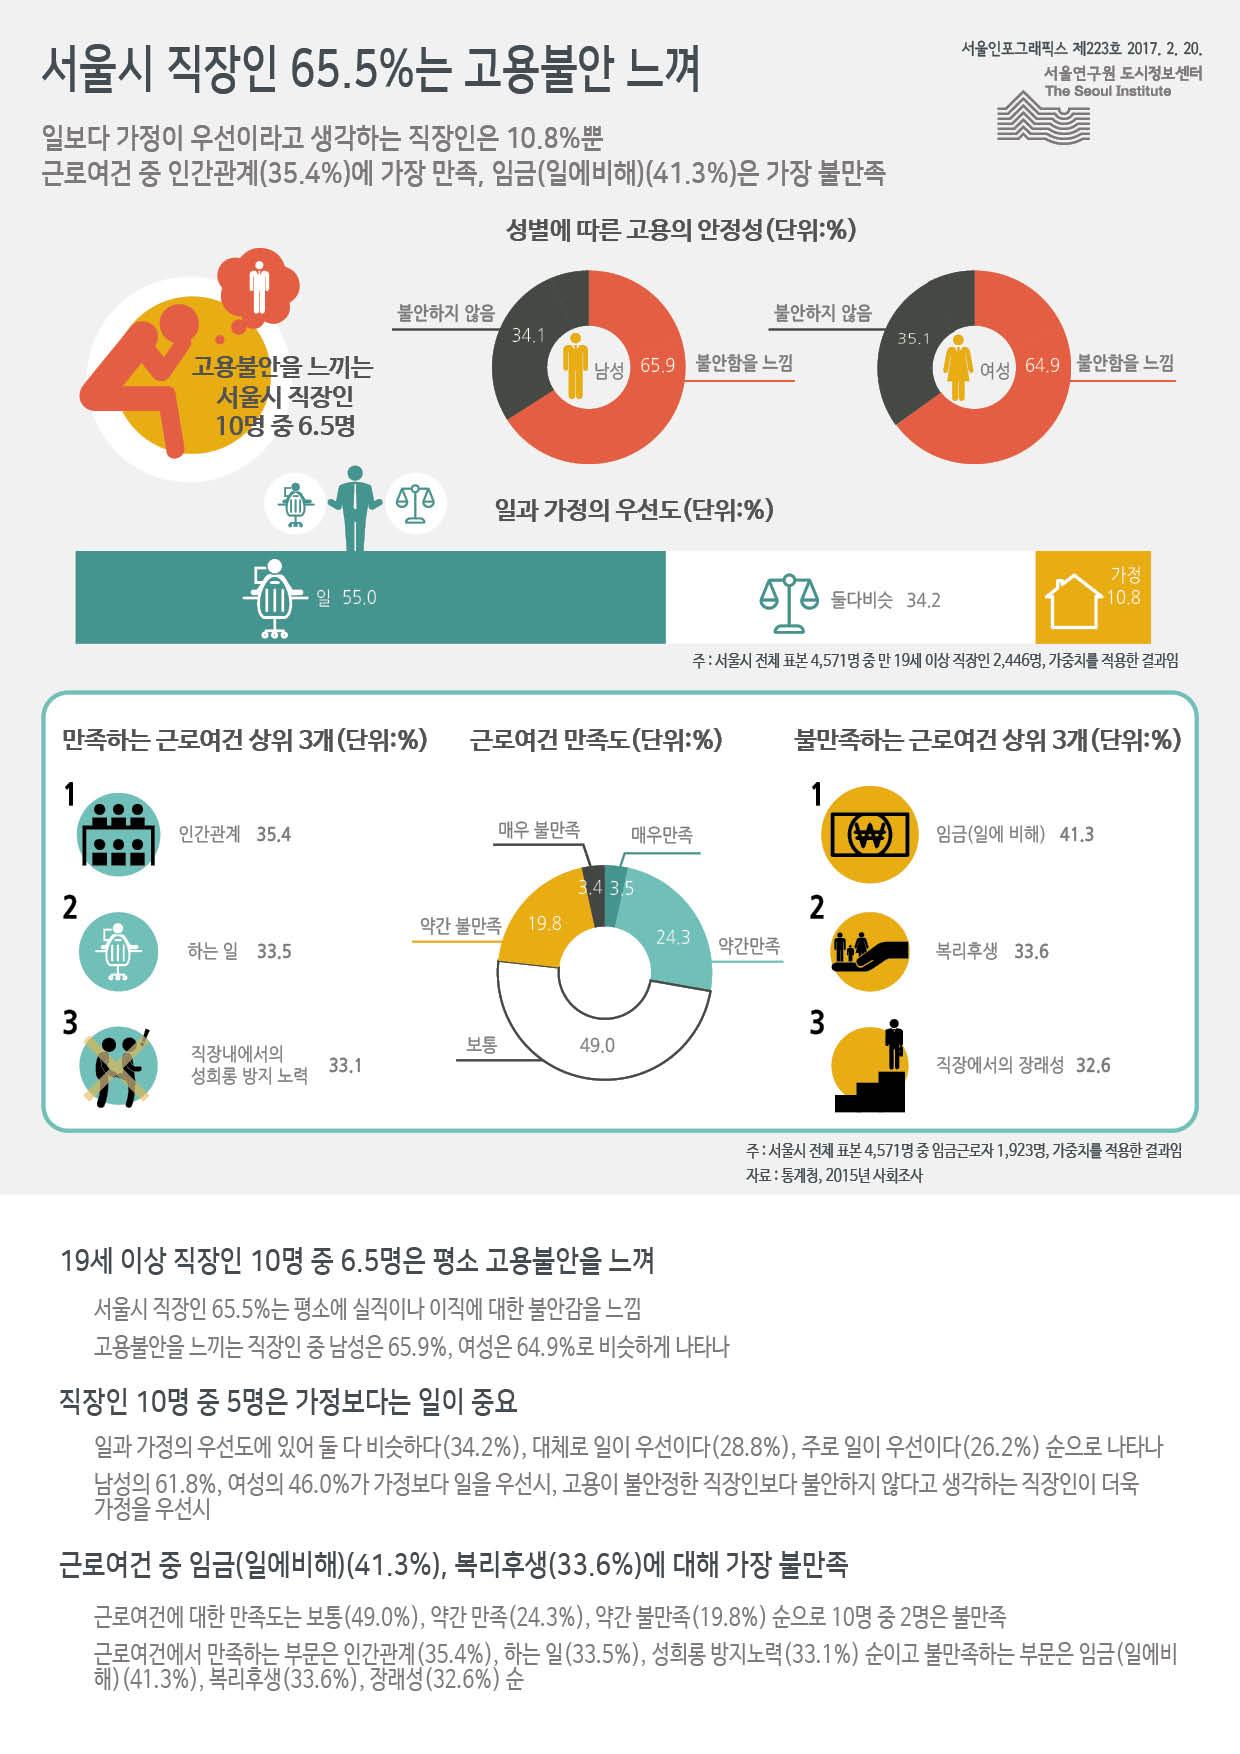 서울시 직장인 65.5%는 고용불안 느껴 서울인포그래픽스 제223호 2017년 2월 20일 일보다 가정이 우선이라고 생각하는 직장인은 10.8%뿐. 근로여건 중 인간관계(35.4%)에 가장 만족, 일에 비한 임금은 41.3%로 가장 불만족하다고 느낌으로 정리될 수 있습니다. 인포그래픽으로 제공되는 그래픽은 하단에 표로 자세히 제공됩니다.